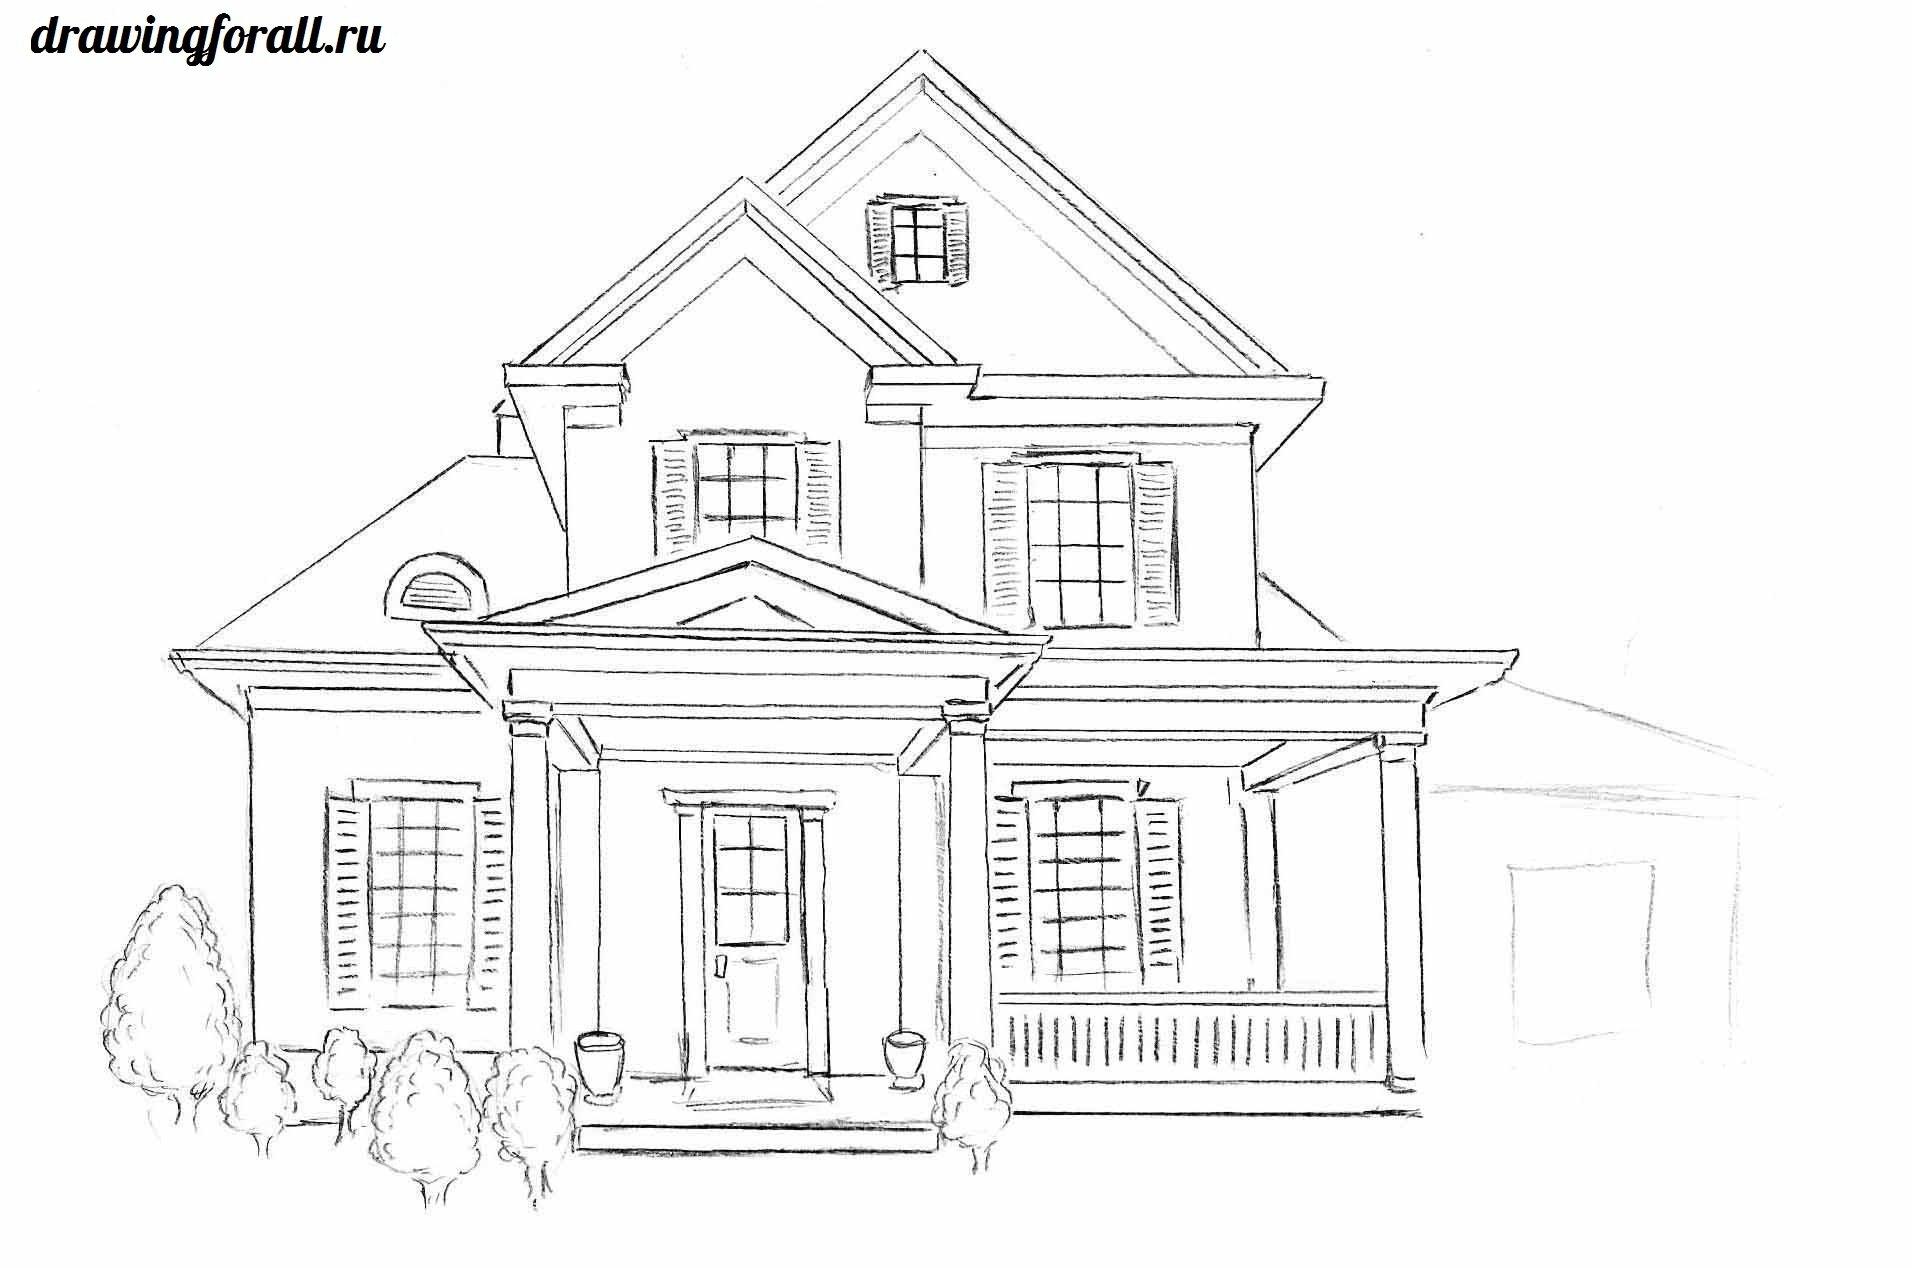 Как нарисовать дом пошагово